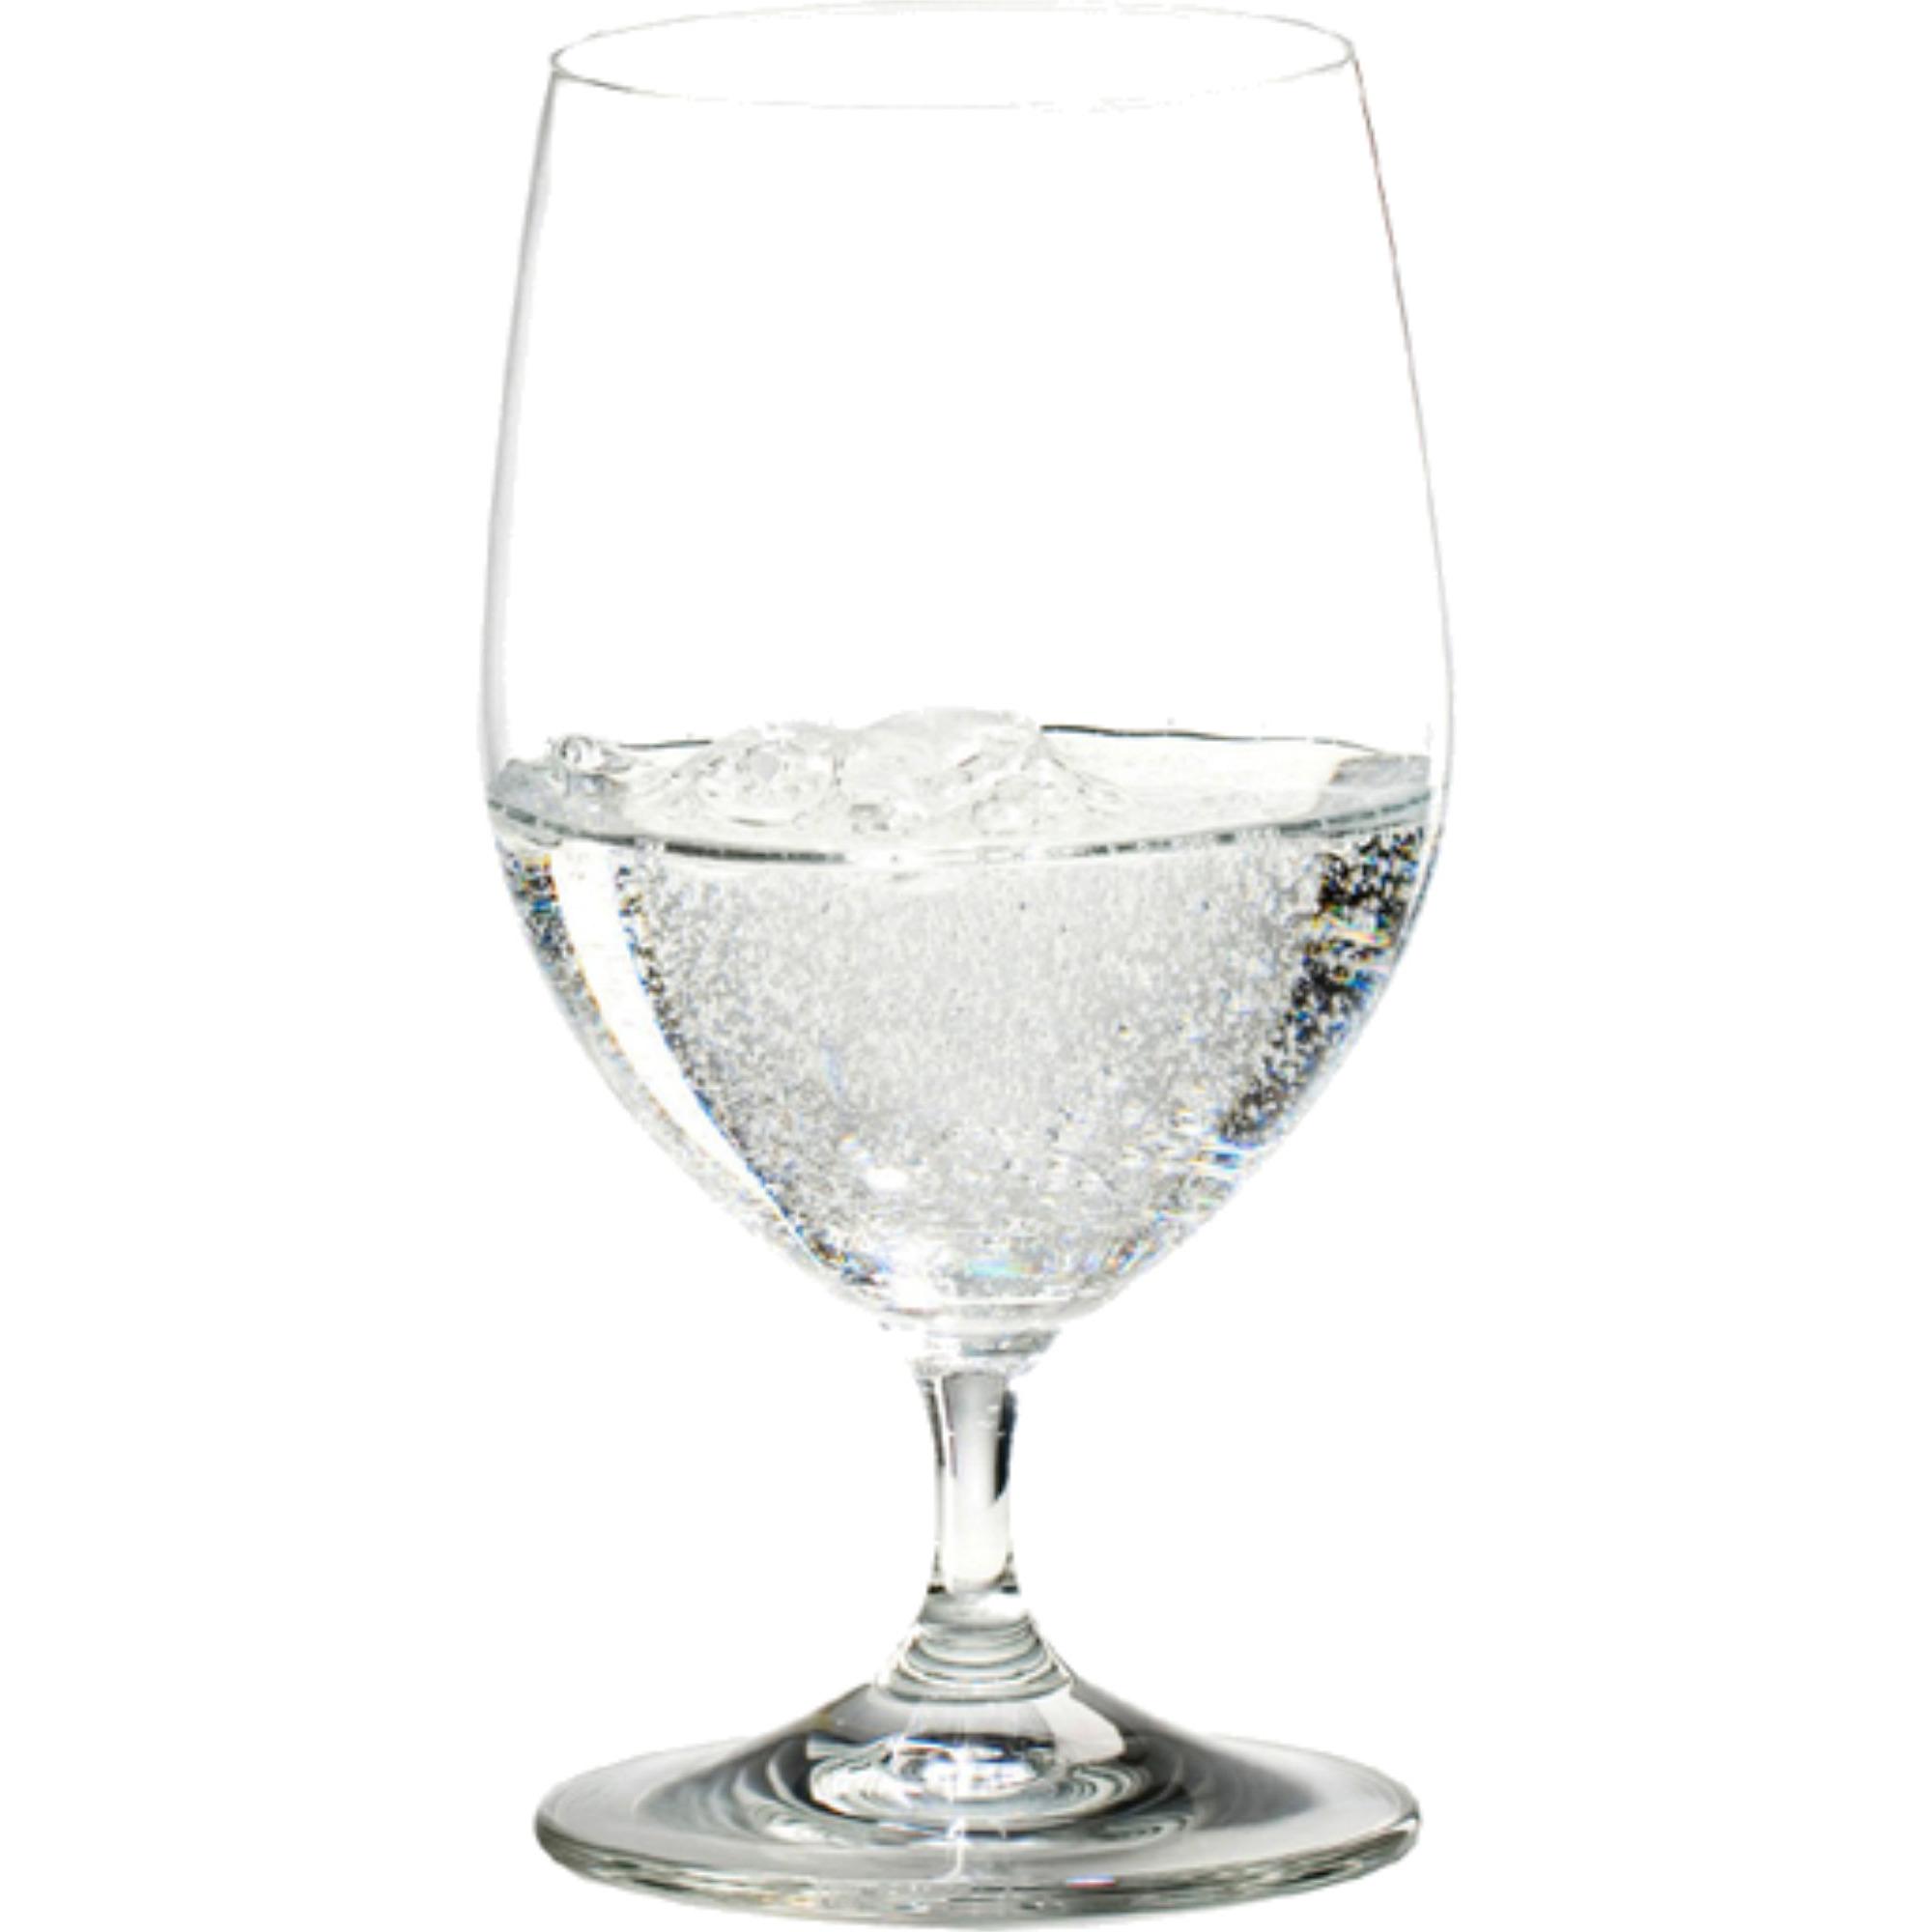 Riedel Vinum Vattenglas 35 cl 2-pack